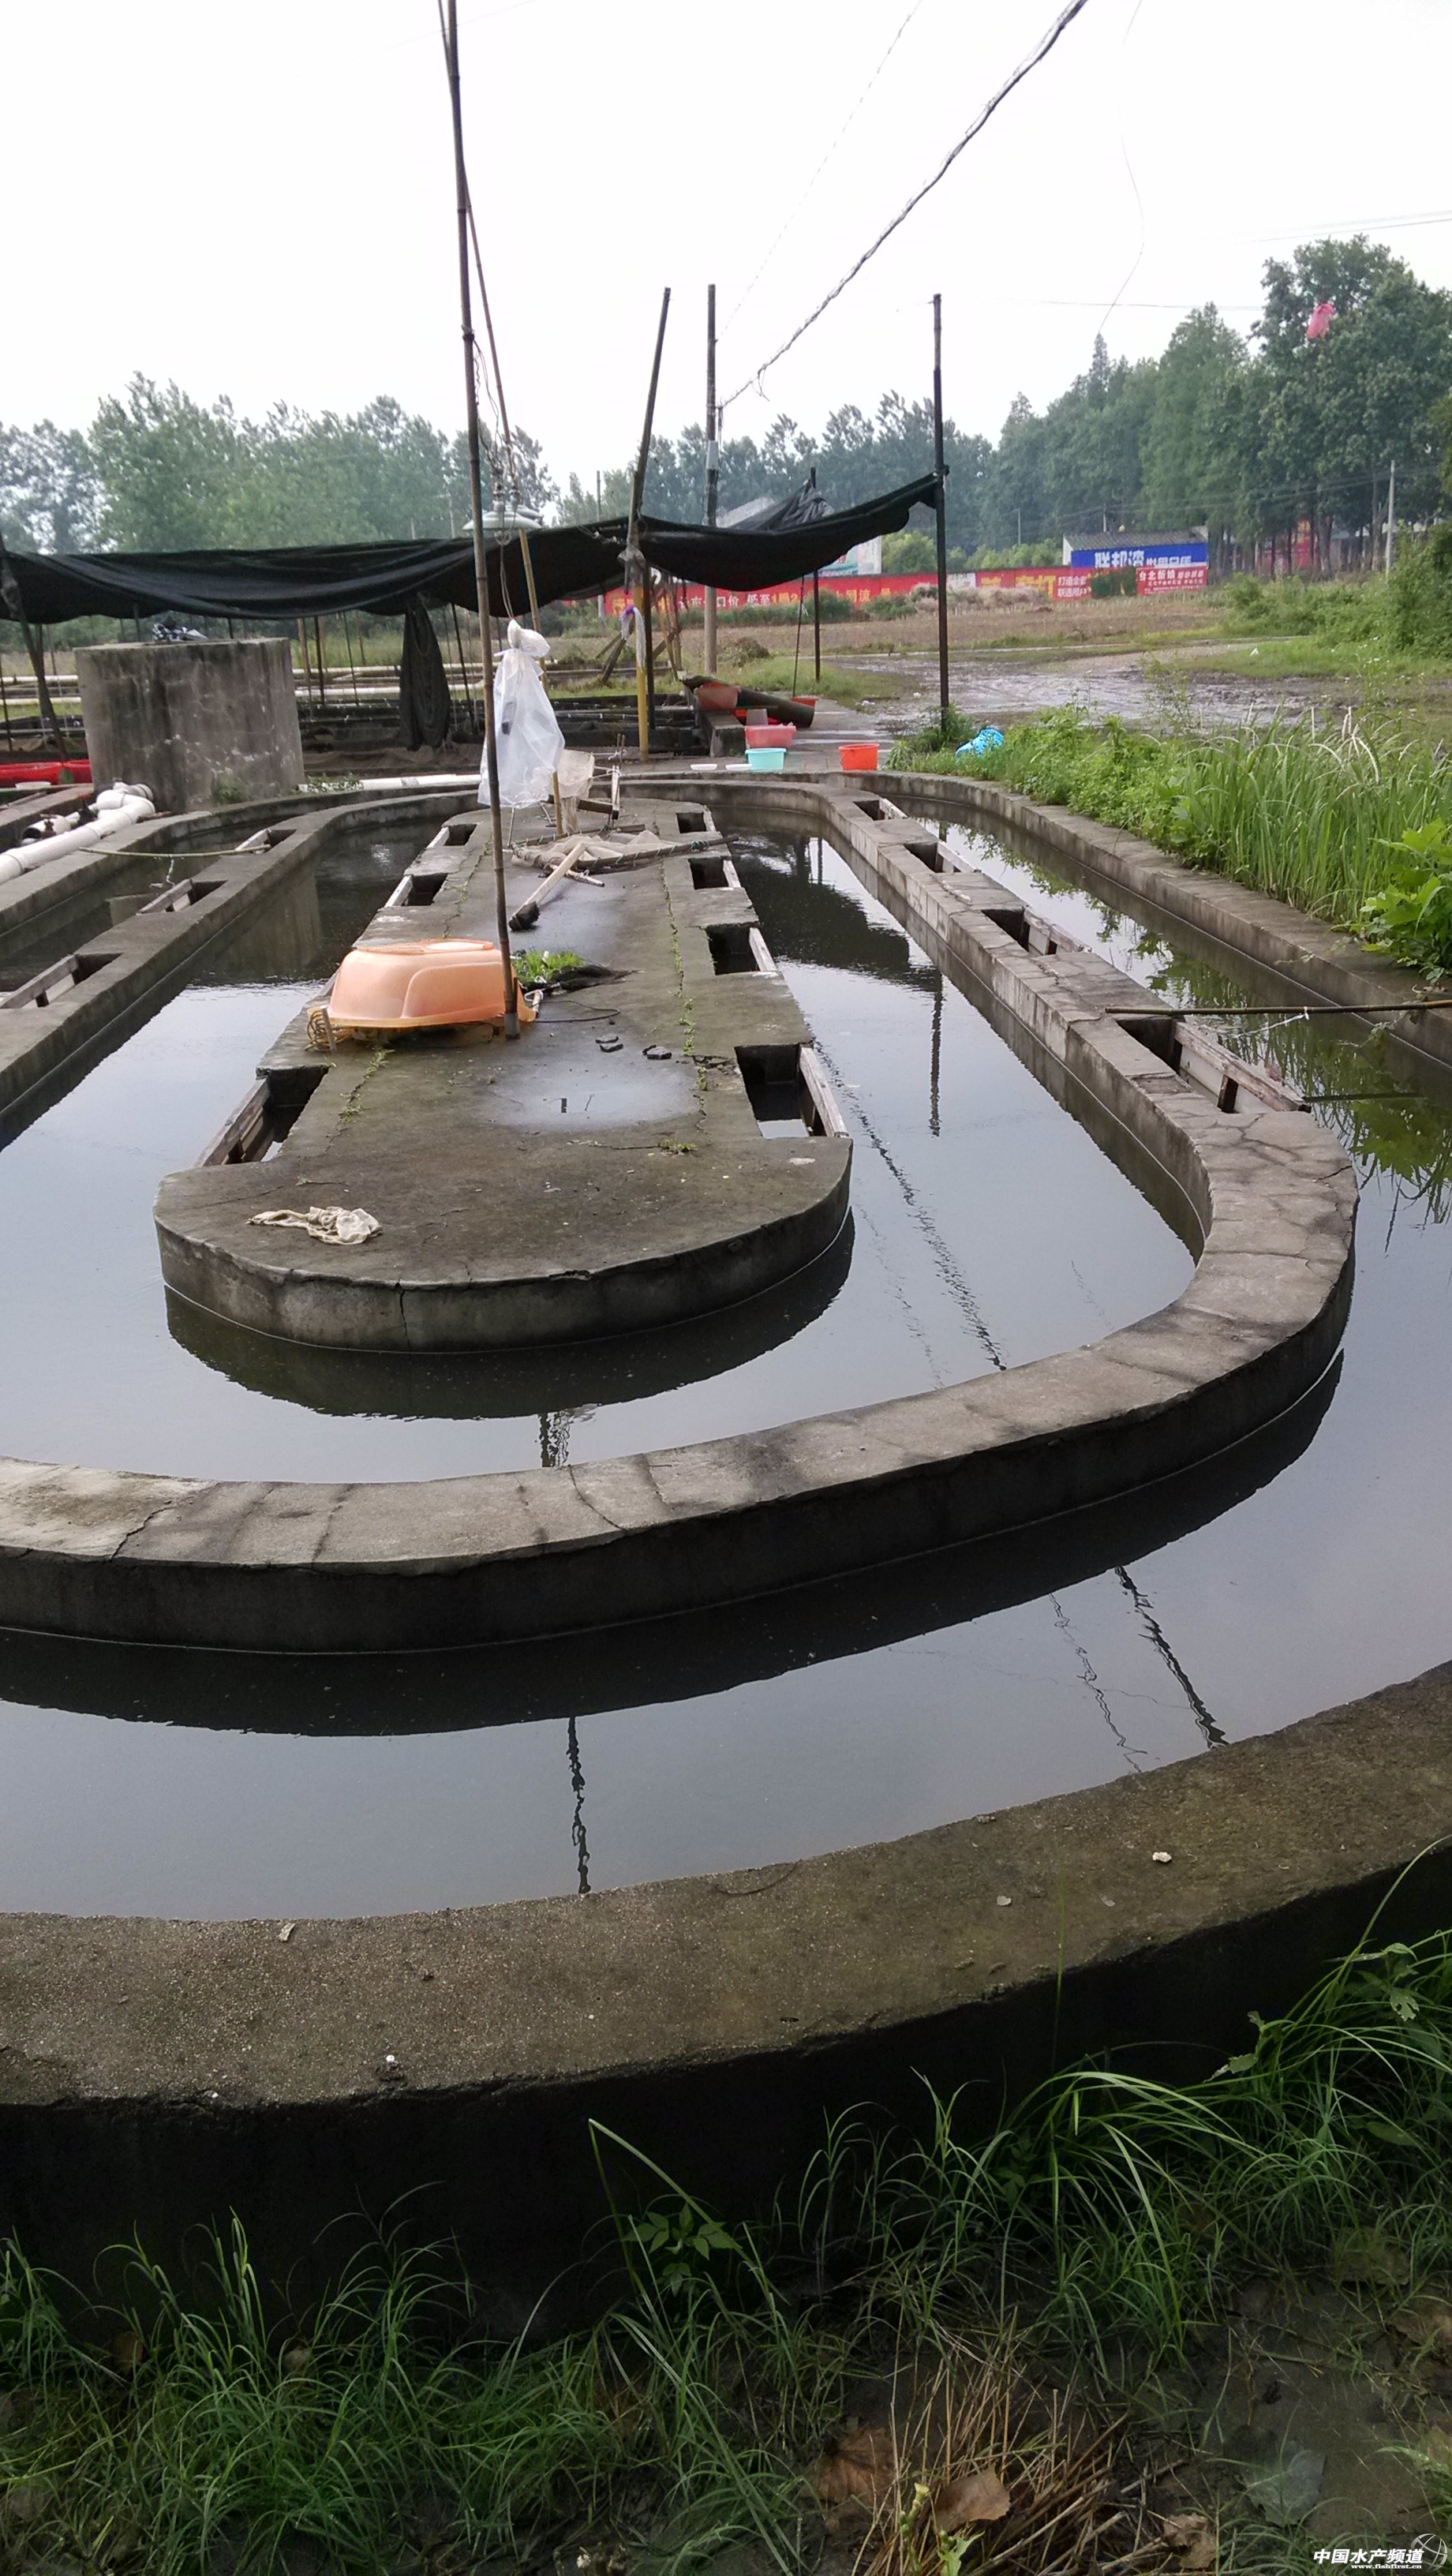 孵化槽 -一等奖 实习足迹 水产前沿 首届全国高校水产实习征文